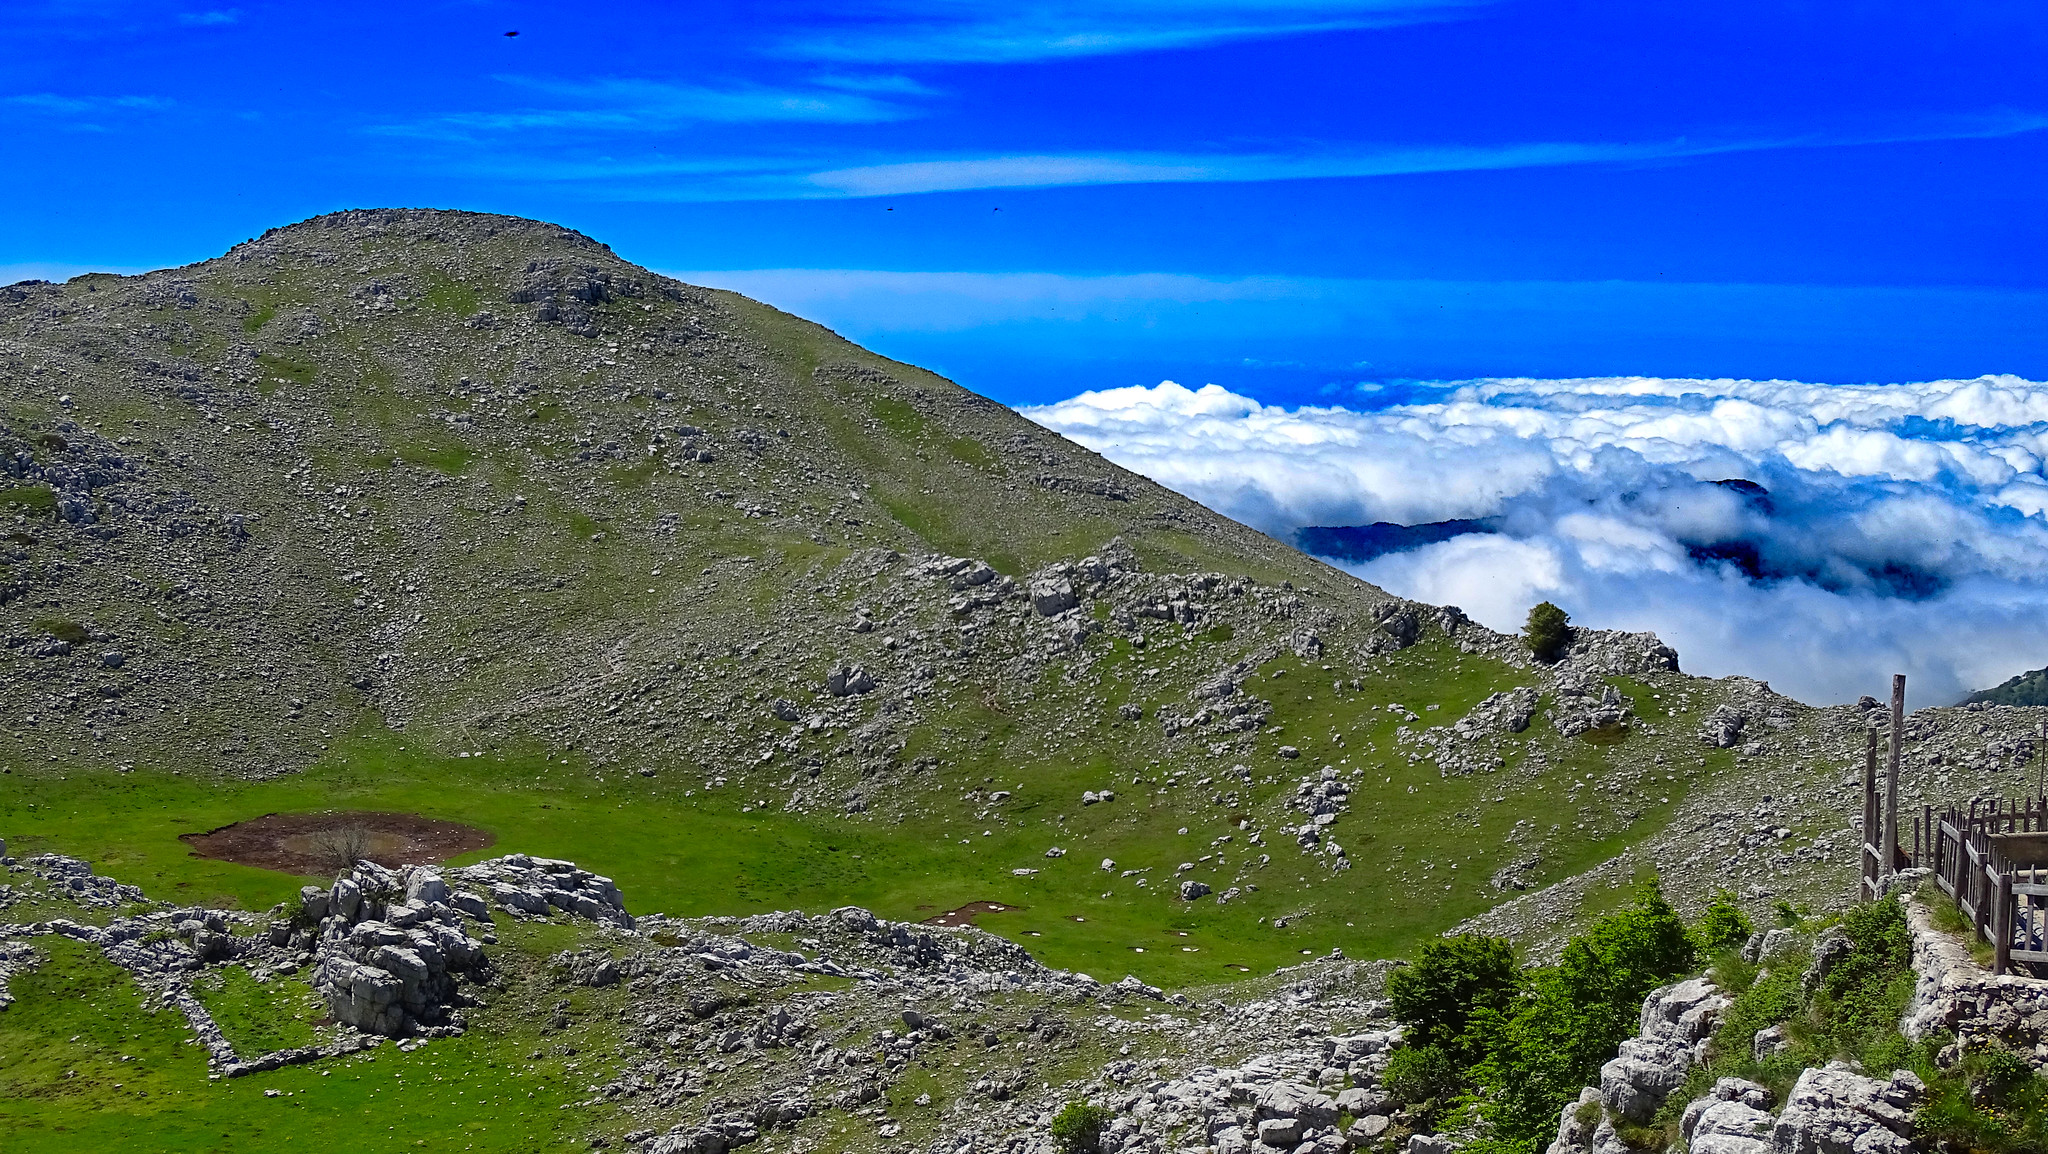 Monte Cervati